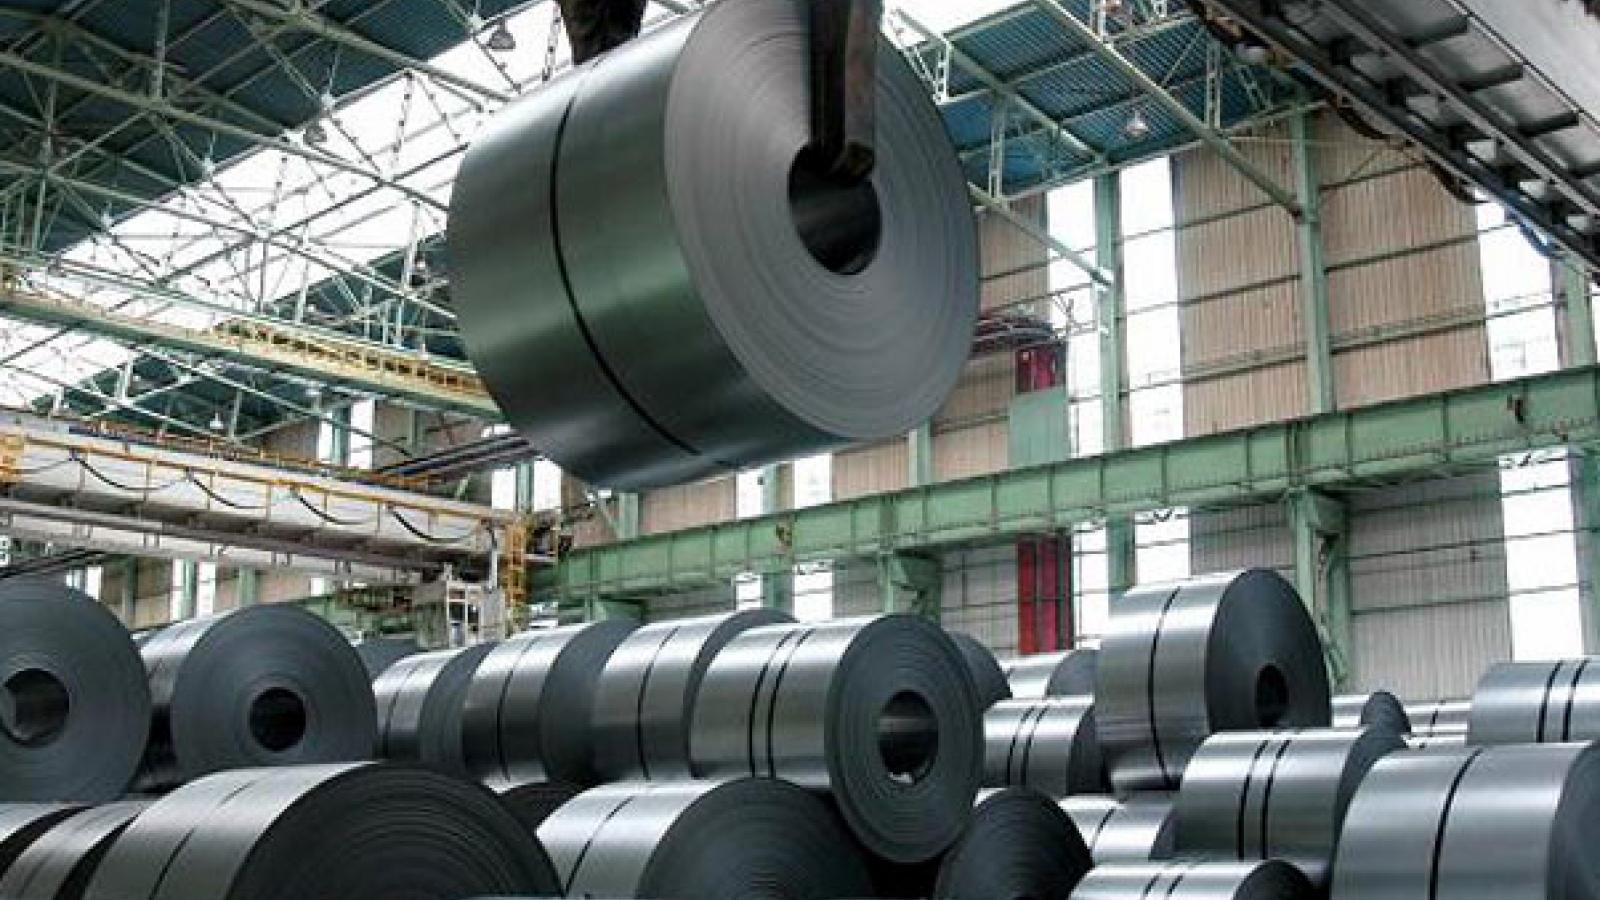 Tăng cường quản lý xuất nhập khẩu các mặt hàng chiến lược, giảm nhập siêu